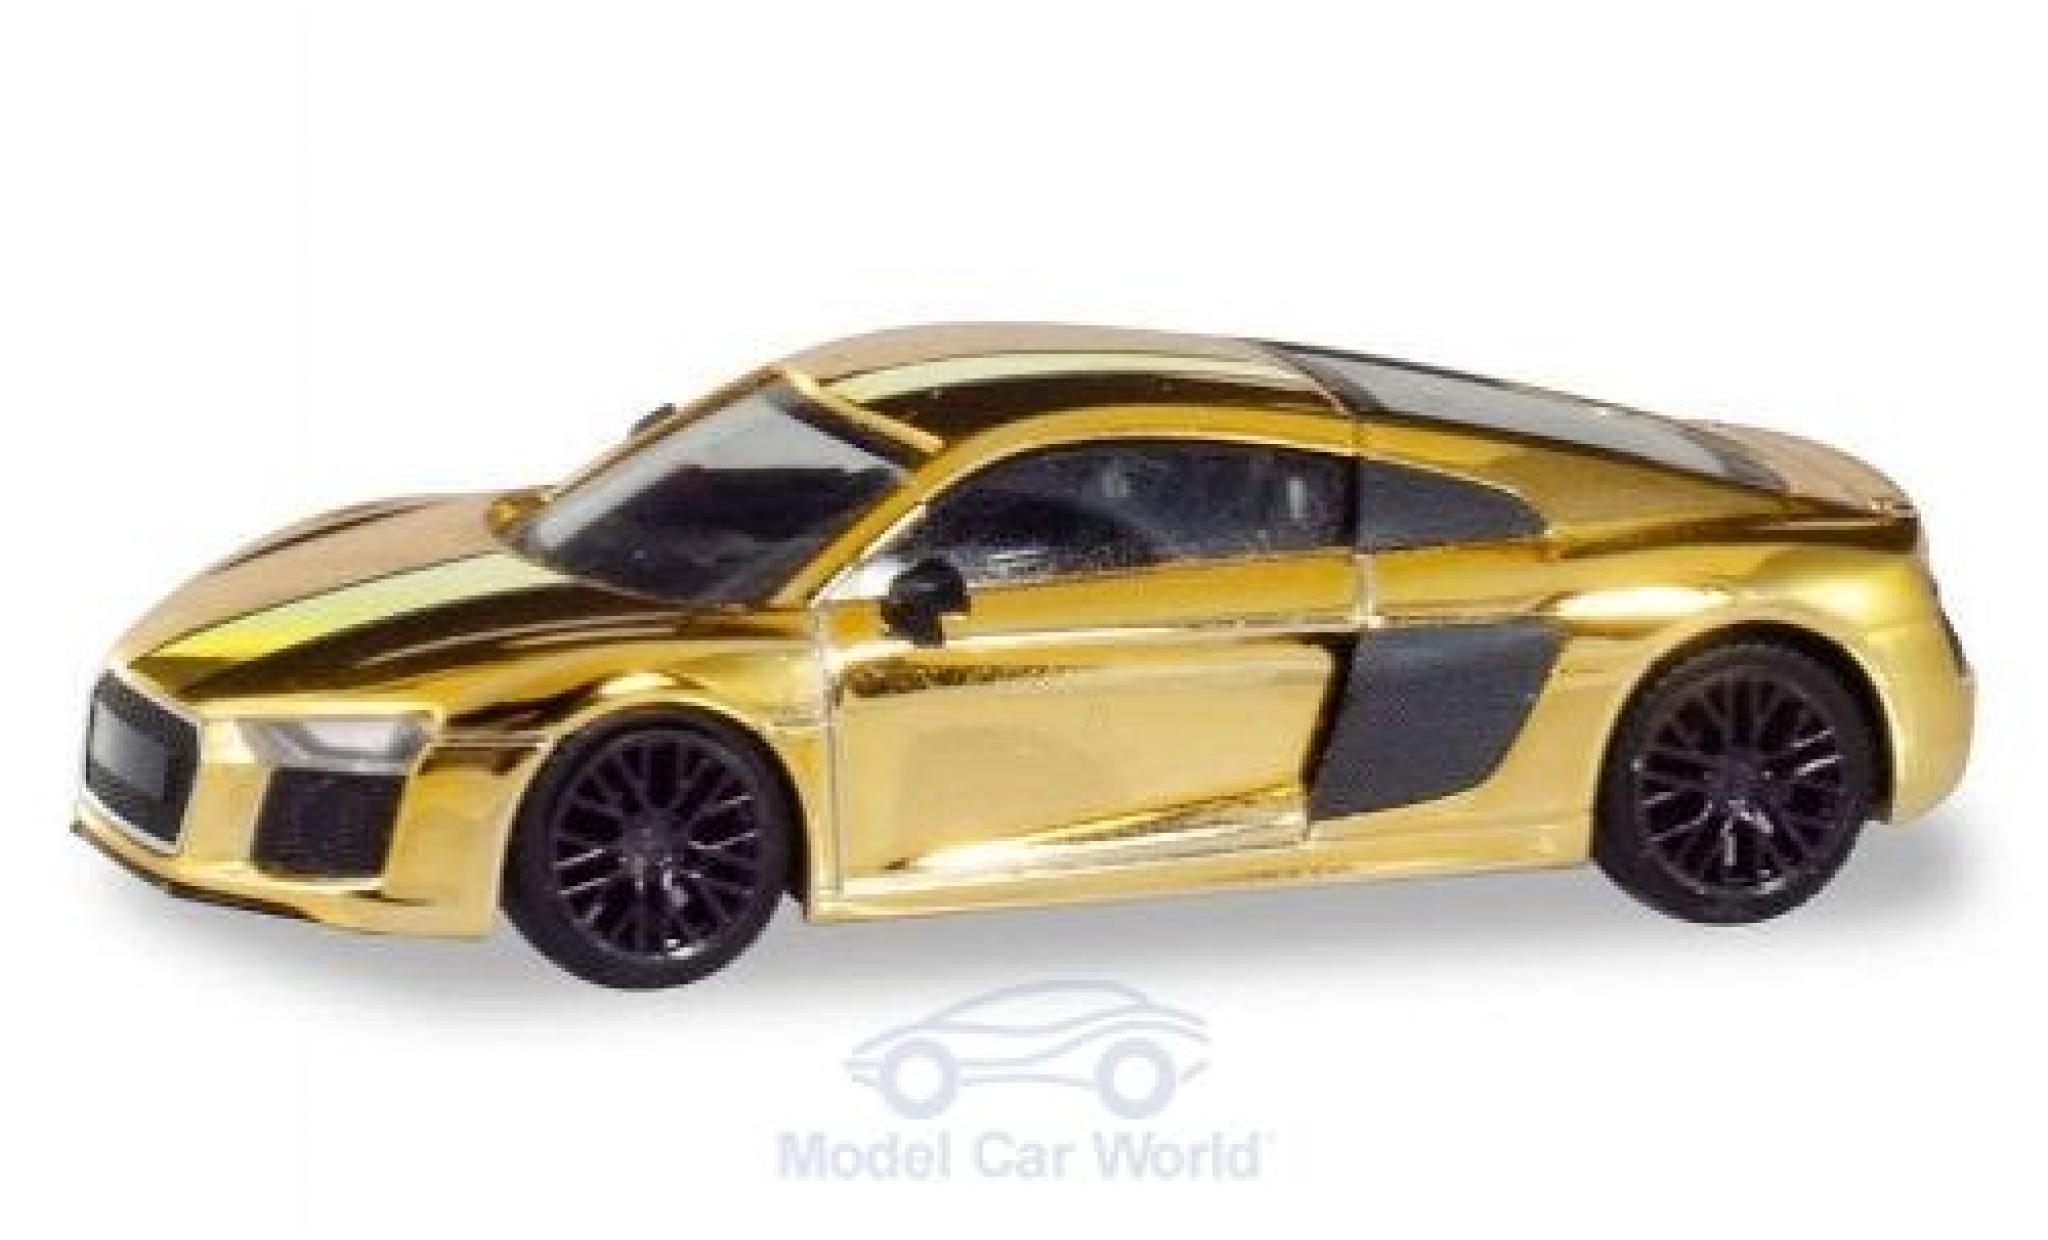 Audi R8 1/87 Herpa V10 Plus gold Felgen: noire